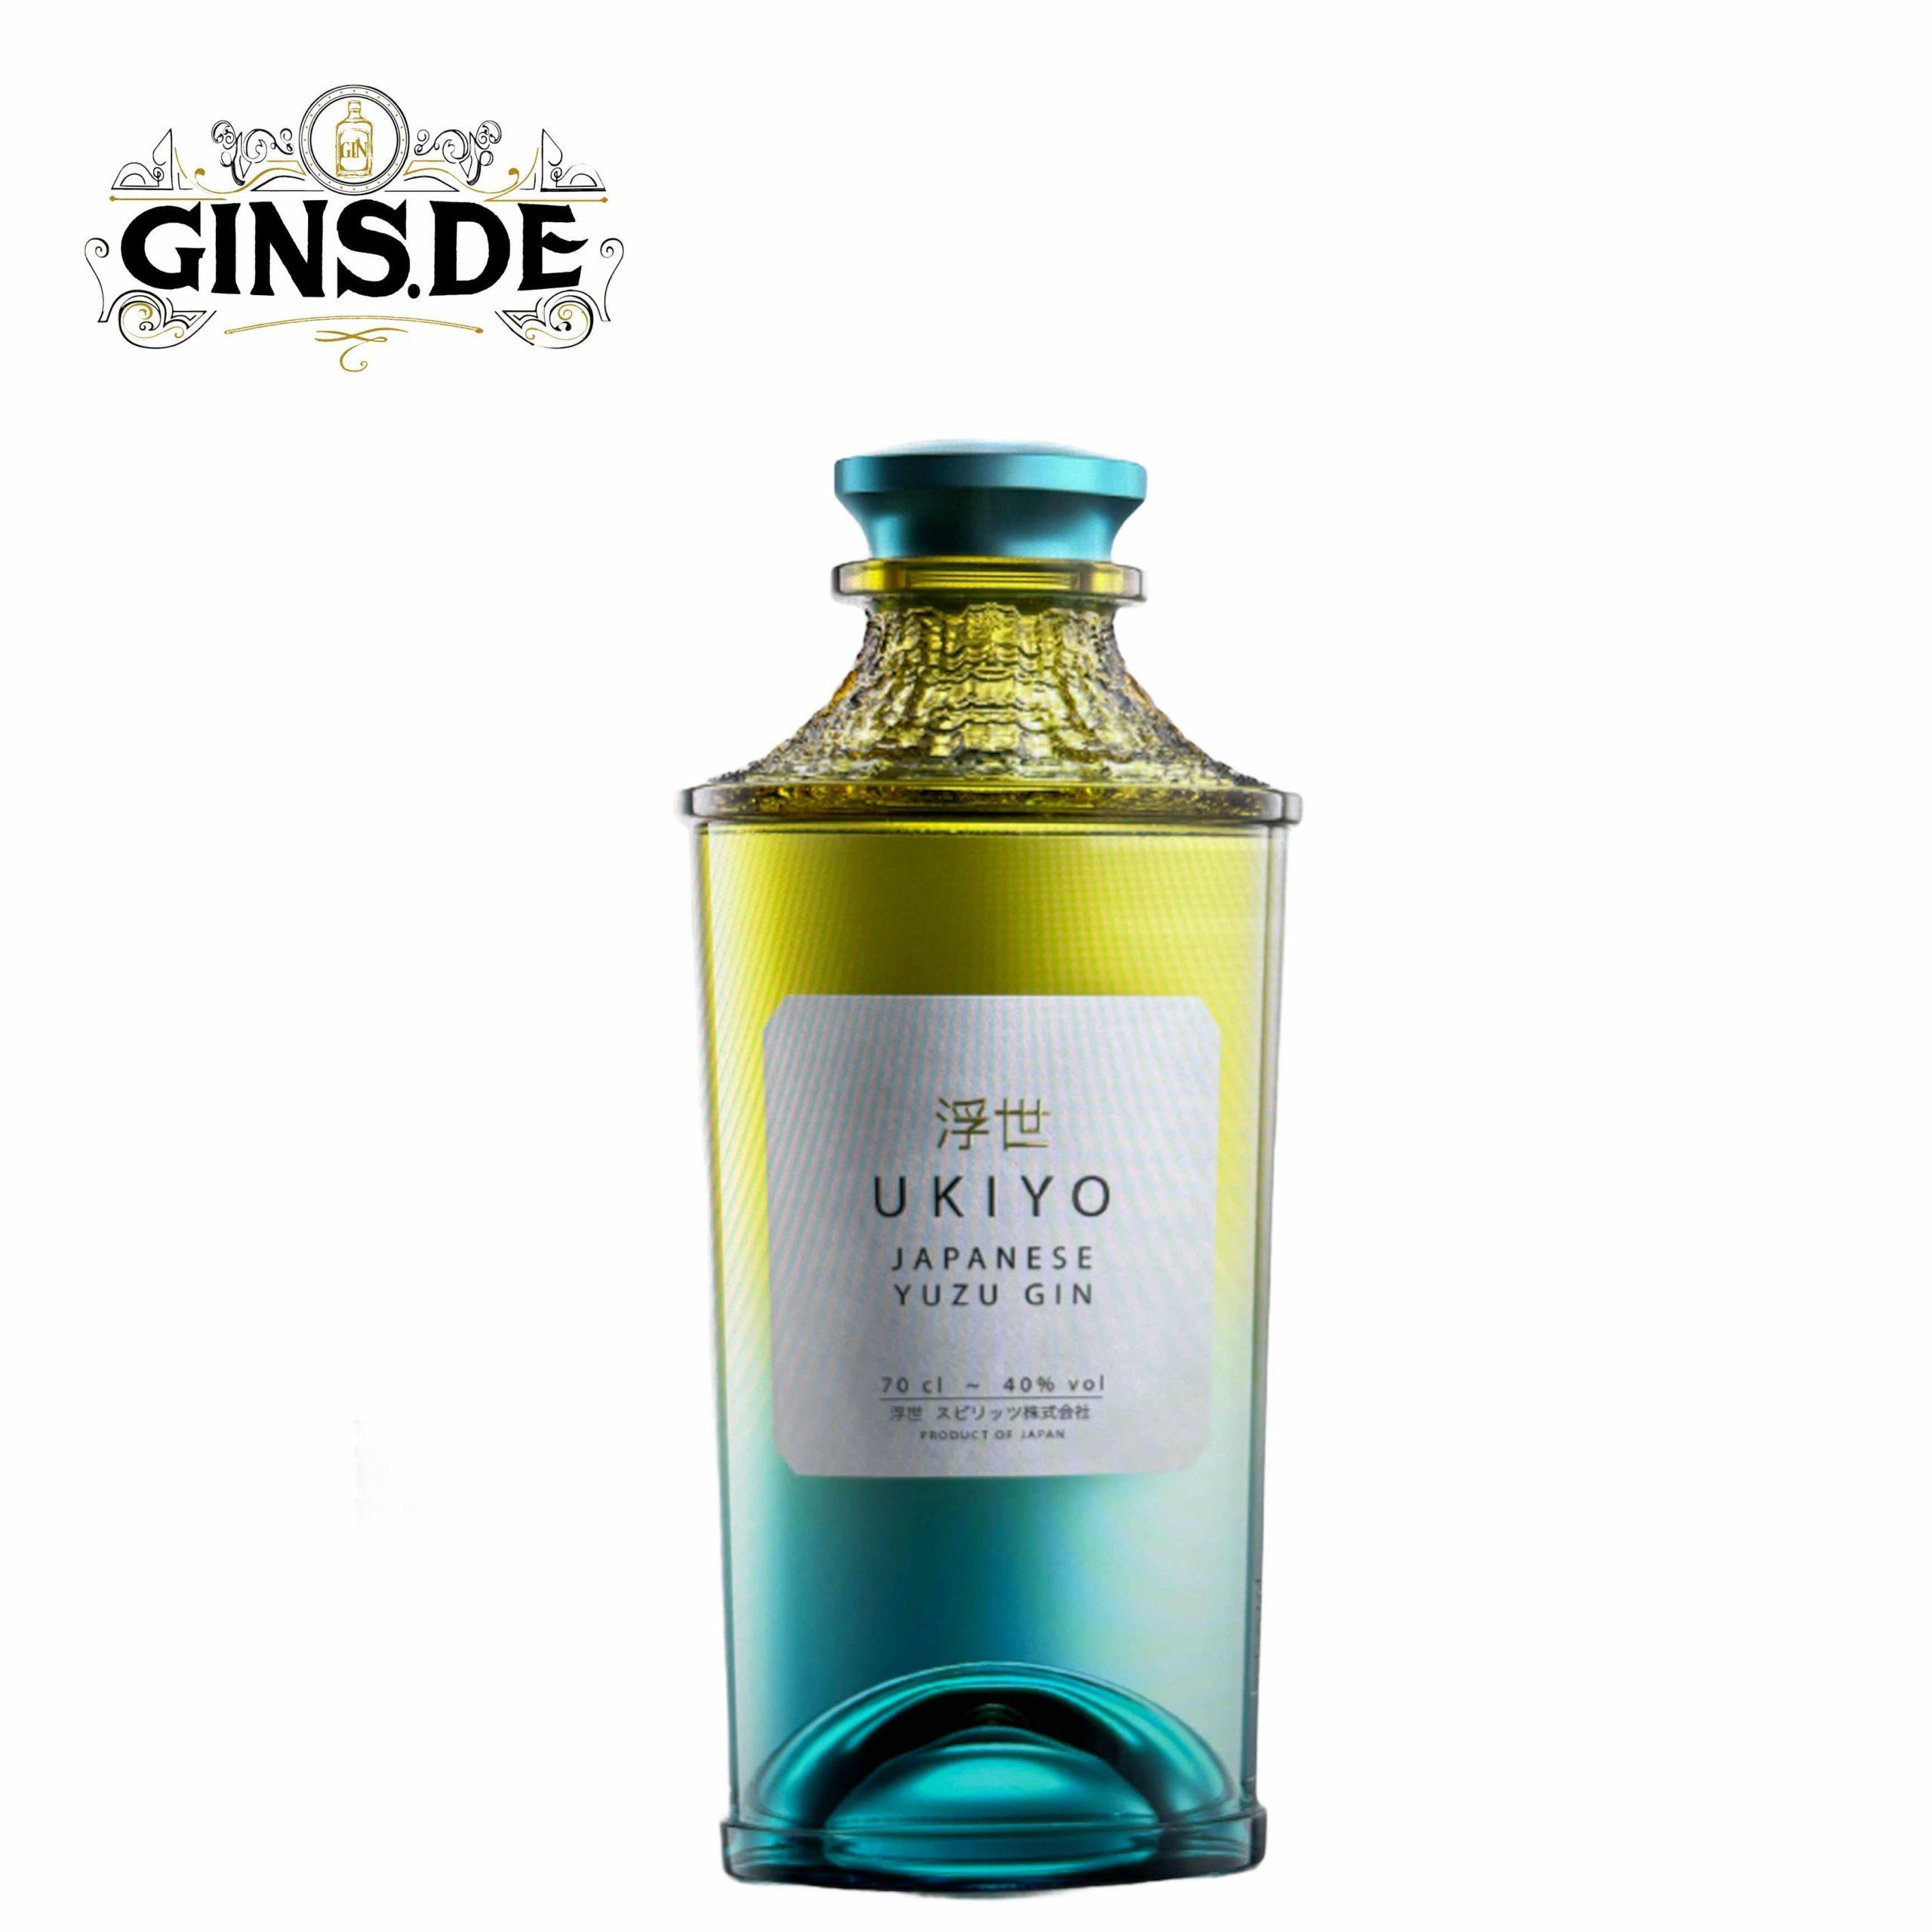 Flasche Ukiyo Japanese Yuzu Gin